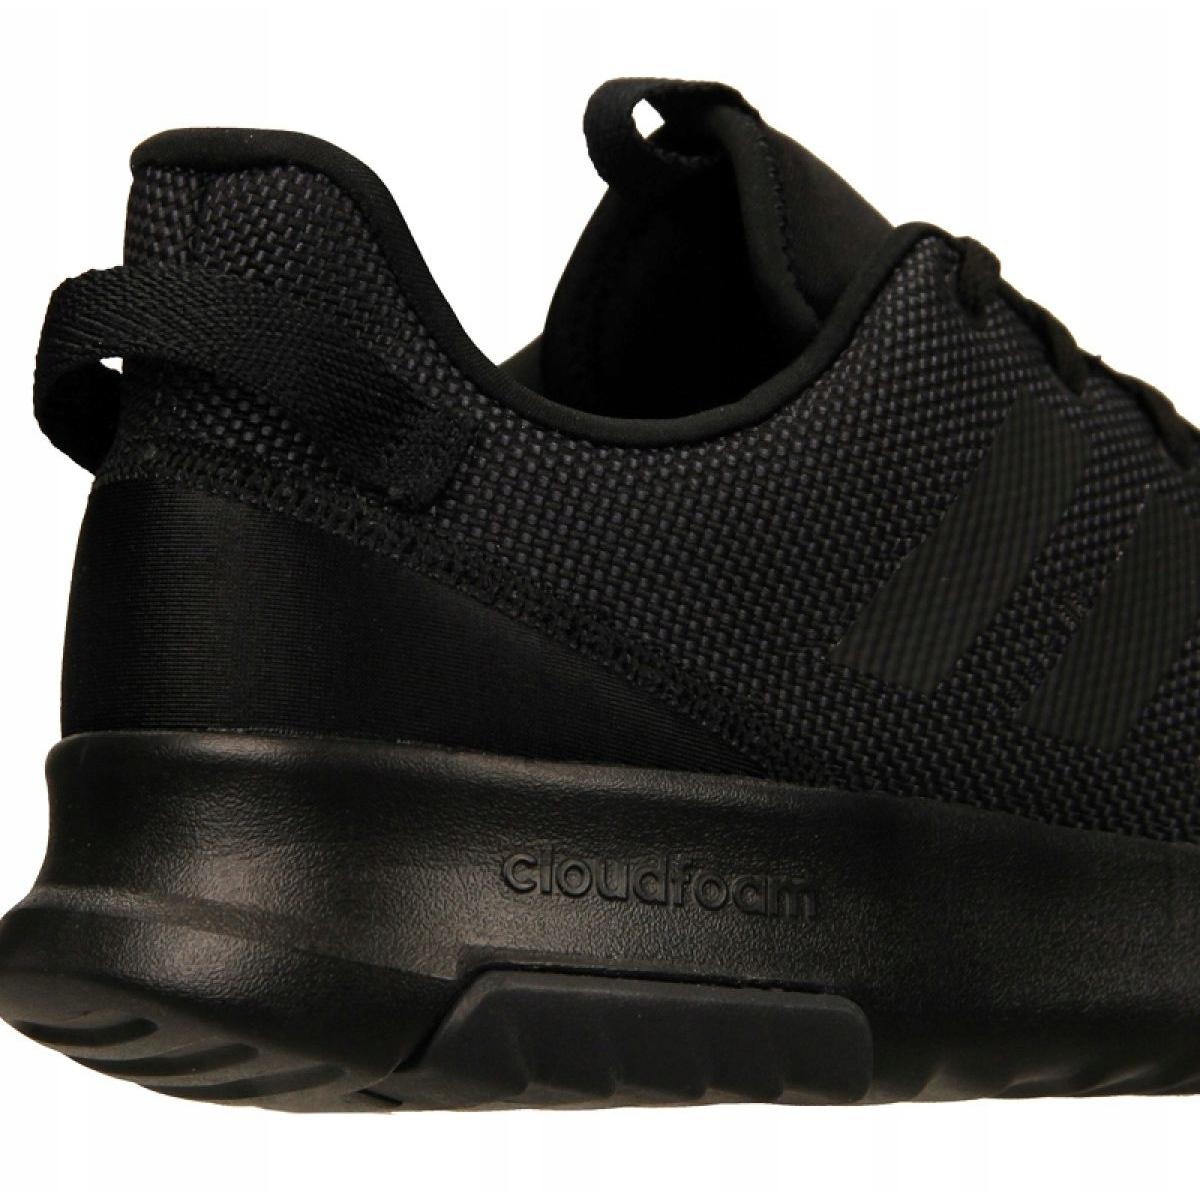 Cipele Adidas Cloudfoam Ultimate B Ball M DA9655 crna